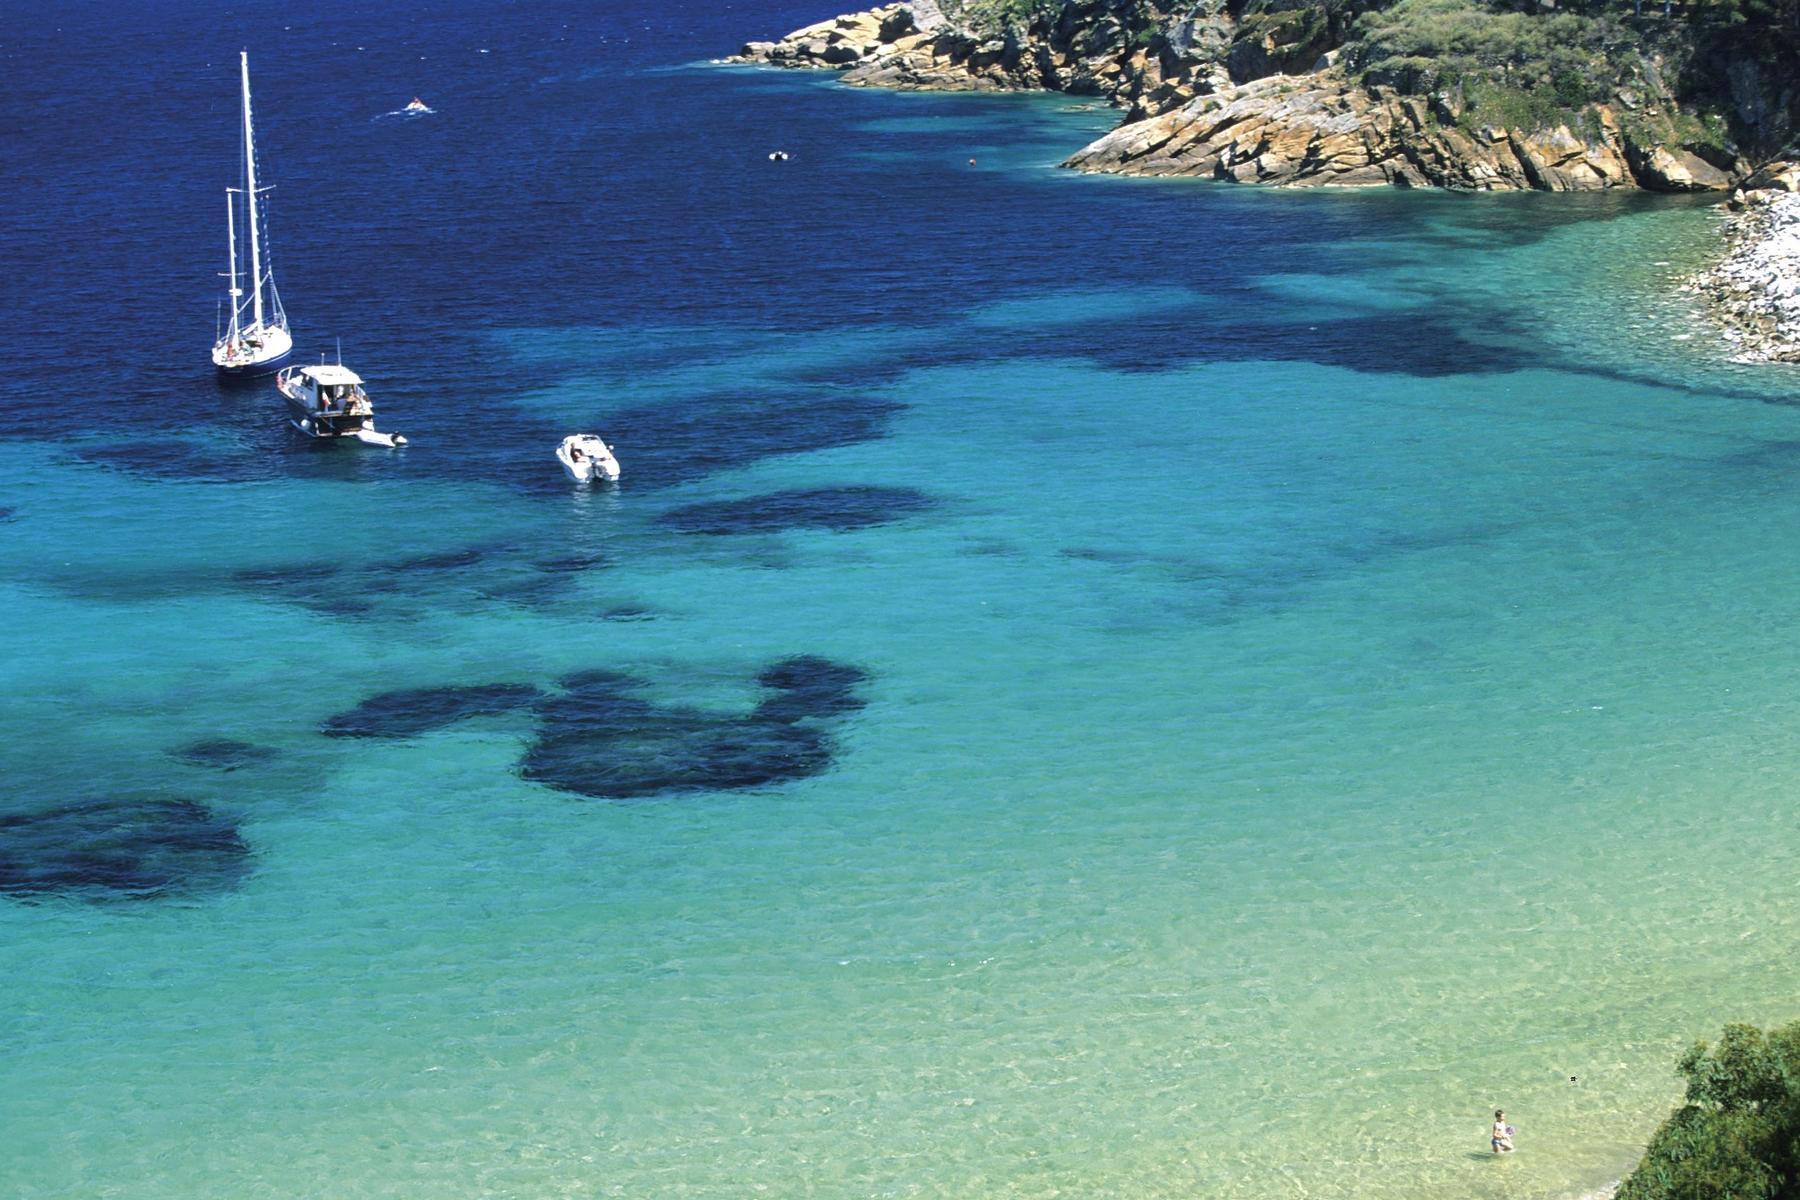 俯瞰Orbetello Lagoon泻湖景色绝妙的别墅 - 11